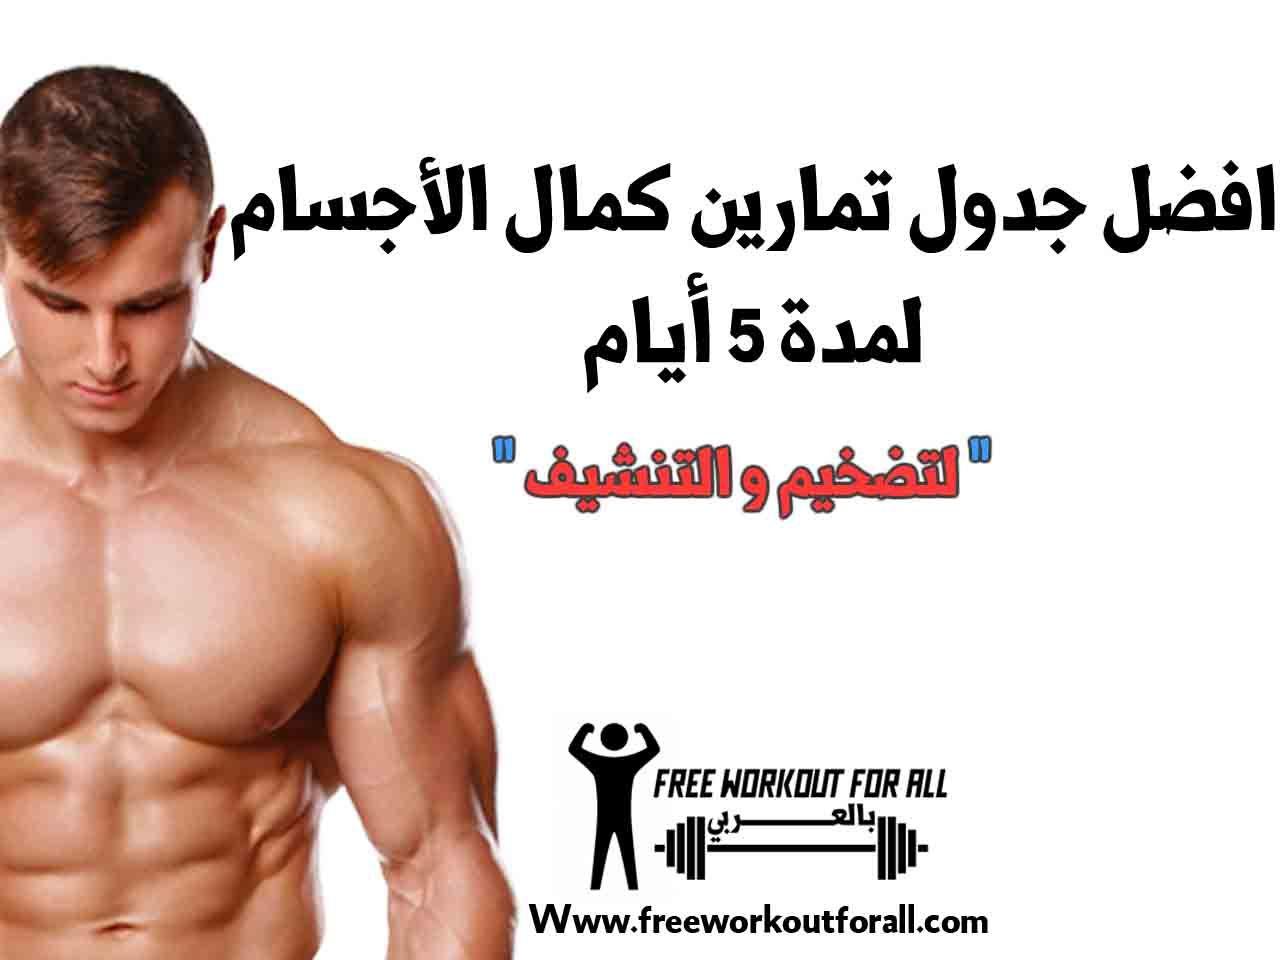 اليك أقوى و أفضل جدول تمارين كمال الاجسام موزع على ٥ ايام سيمكنك من تضخيم العضلات بشكل سريع Free Workouts Bodybuilding Workouts Workout